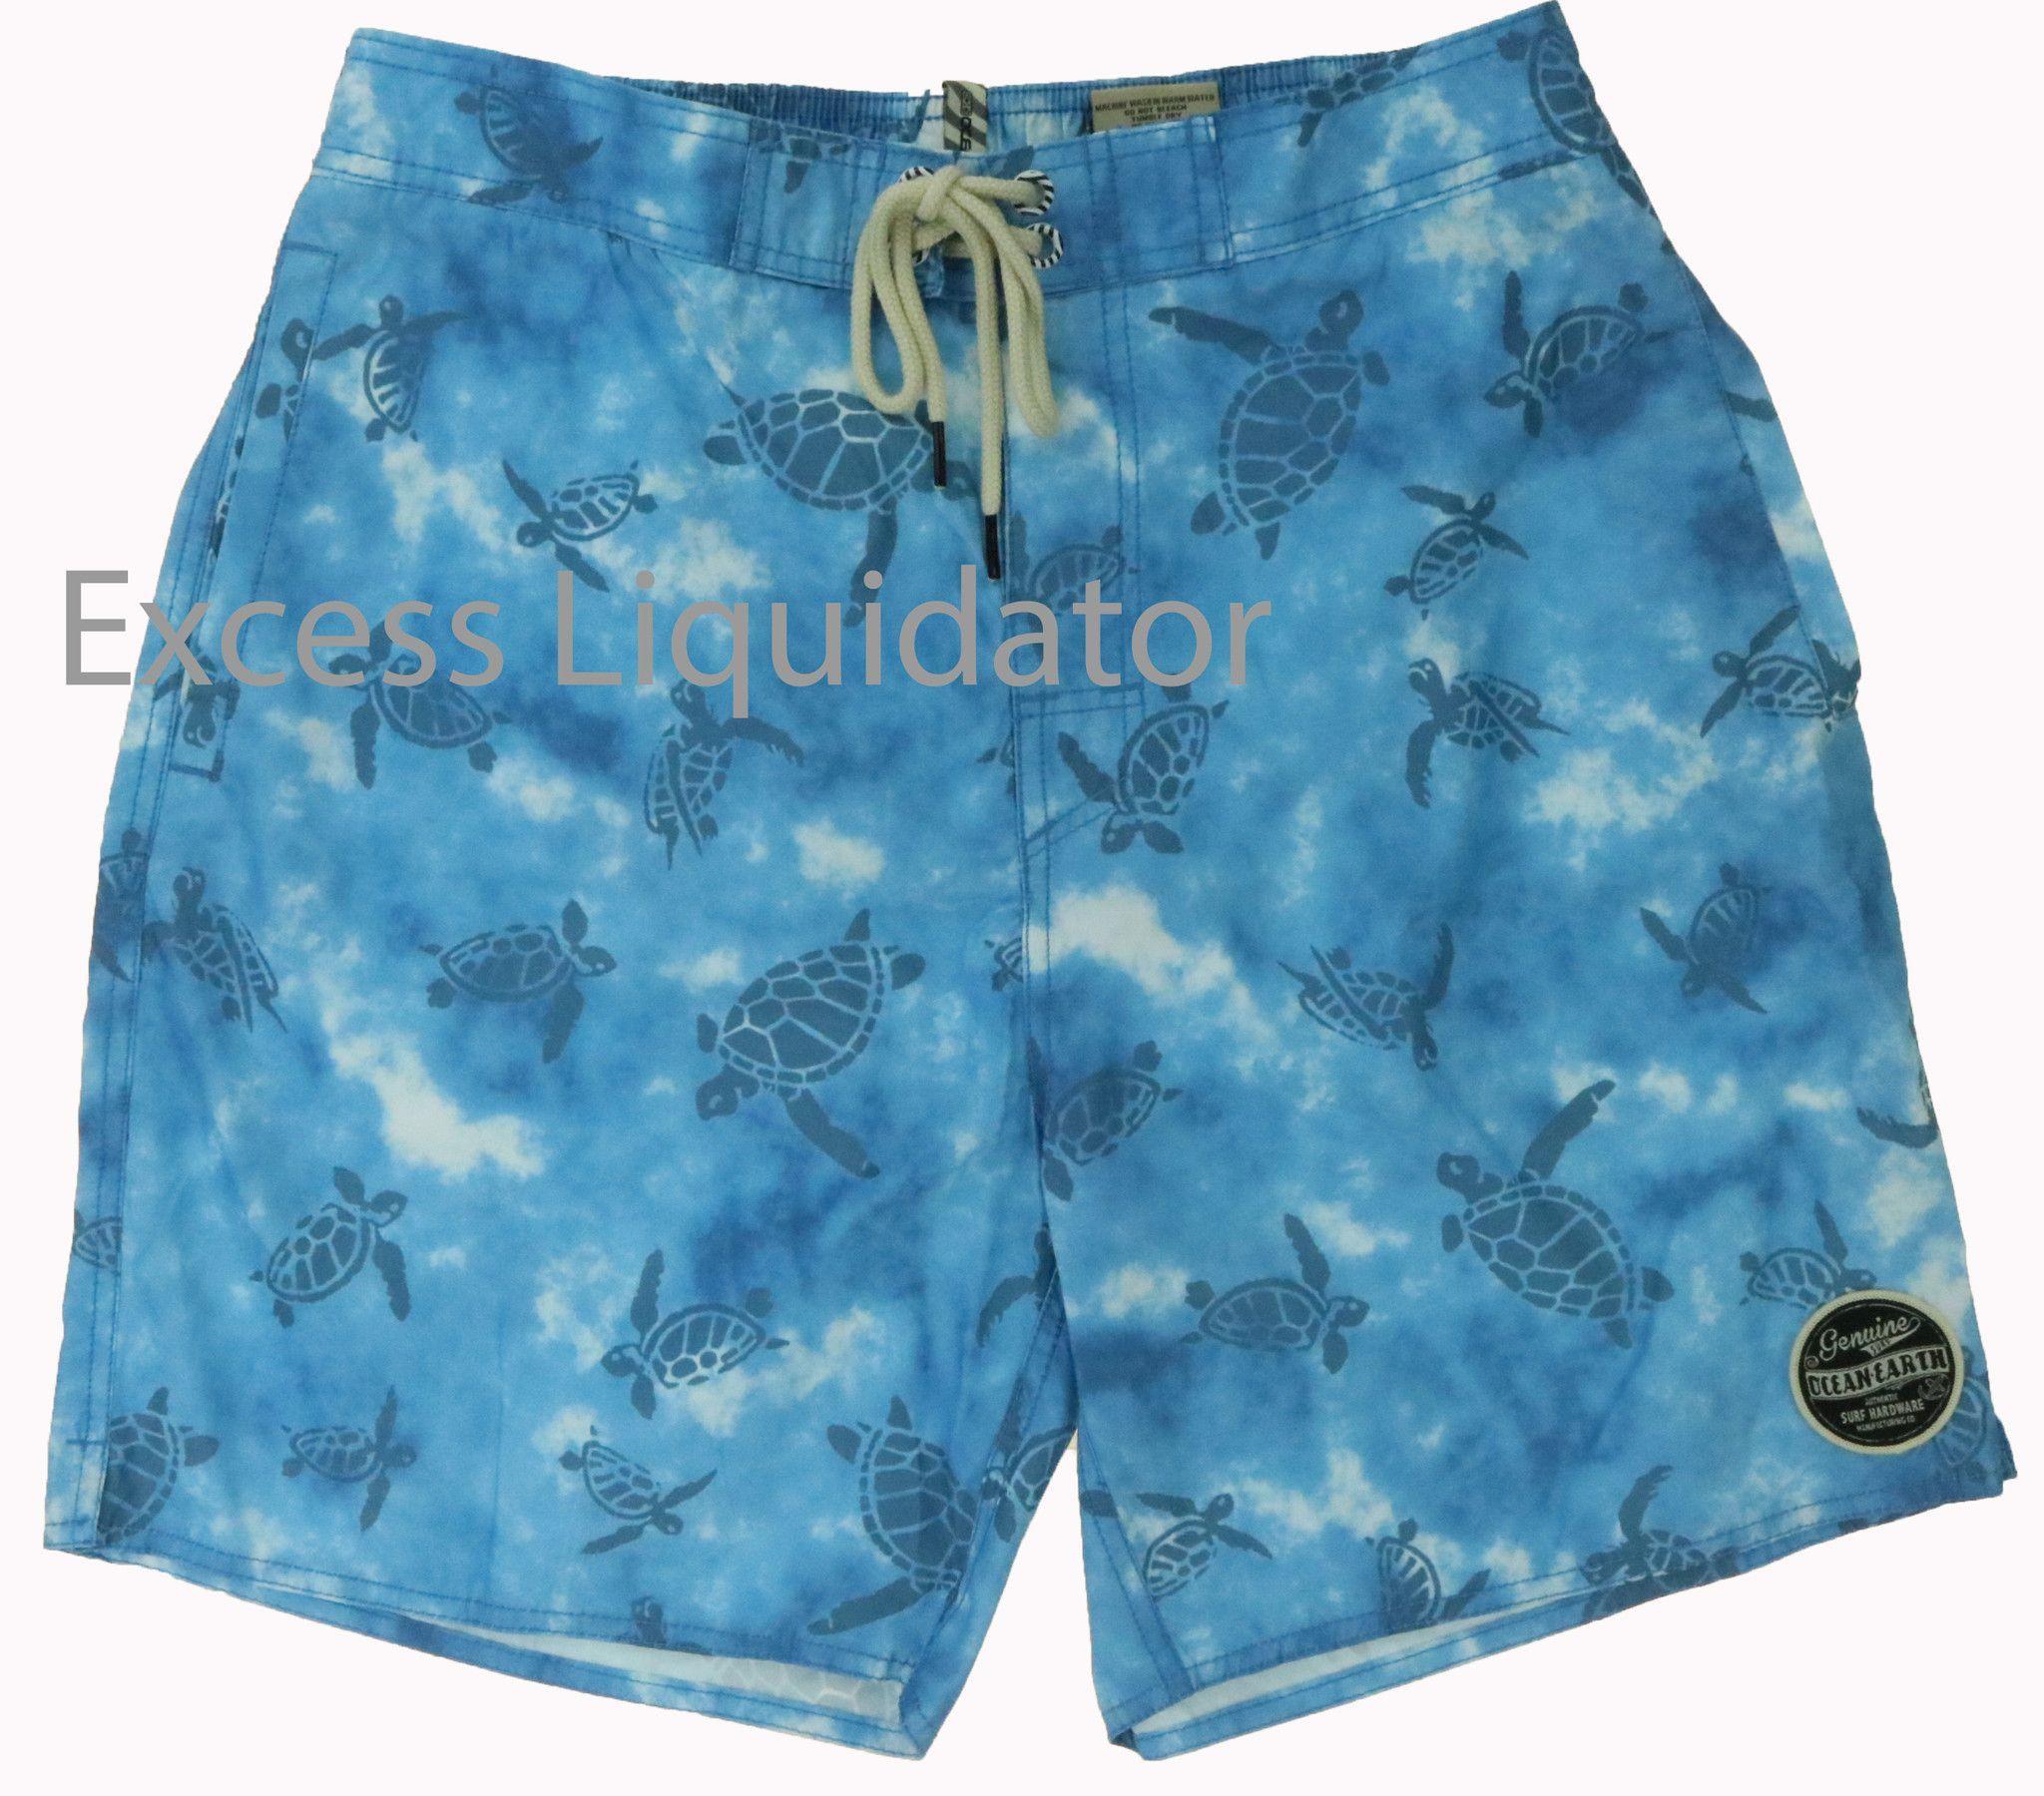 Ocean & Earth Surf Apparel Men's Swim Trunk Shorts mi-tiles.com